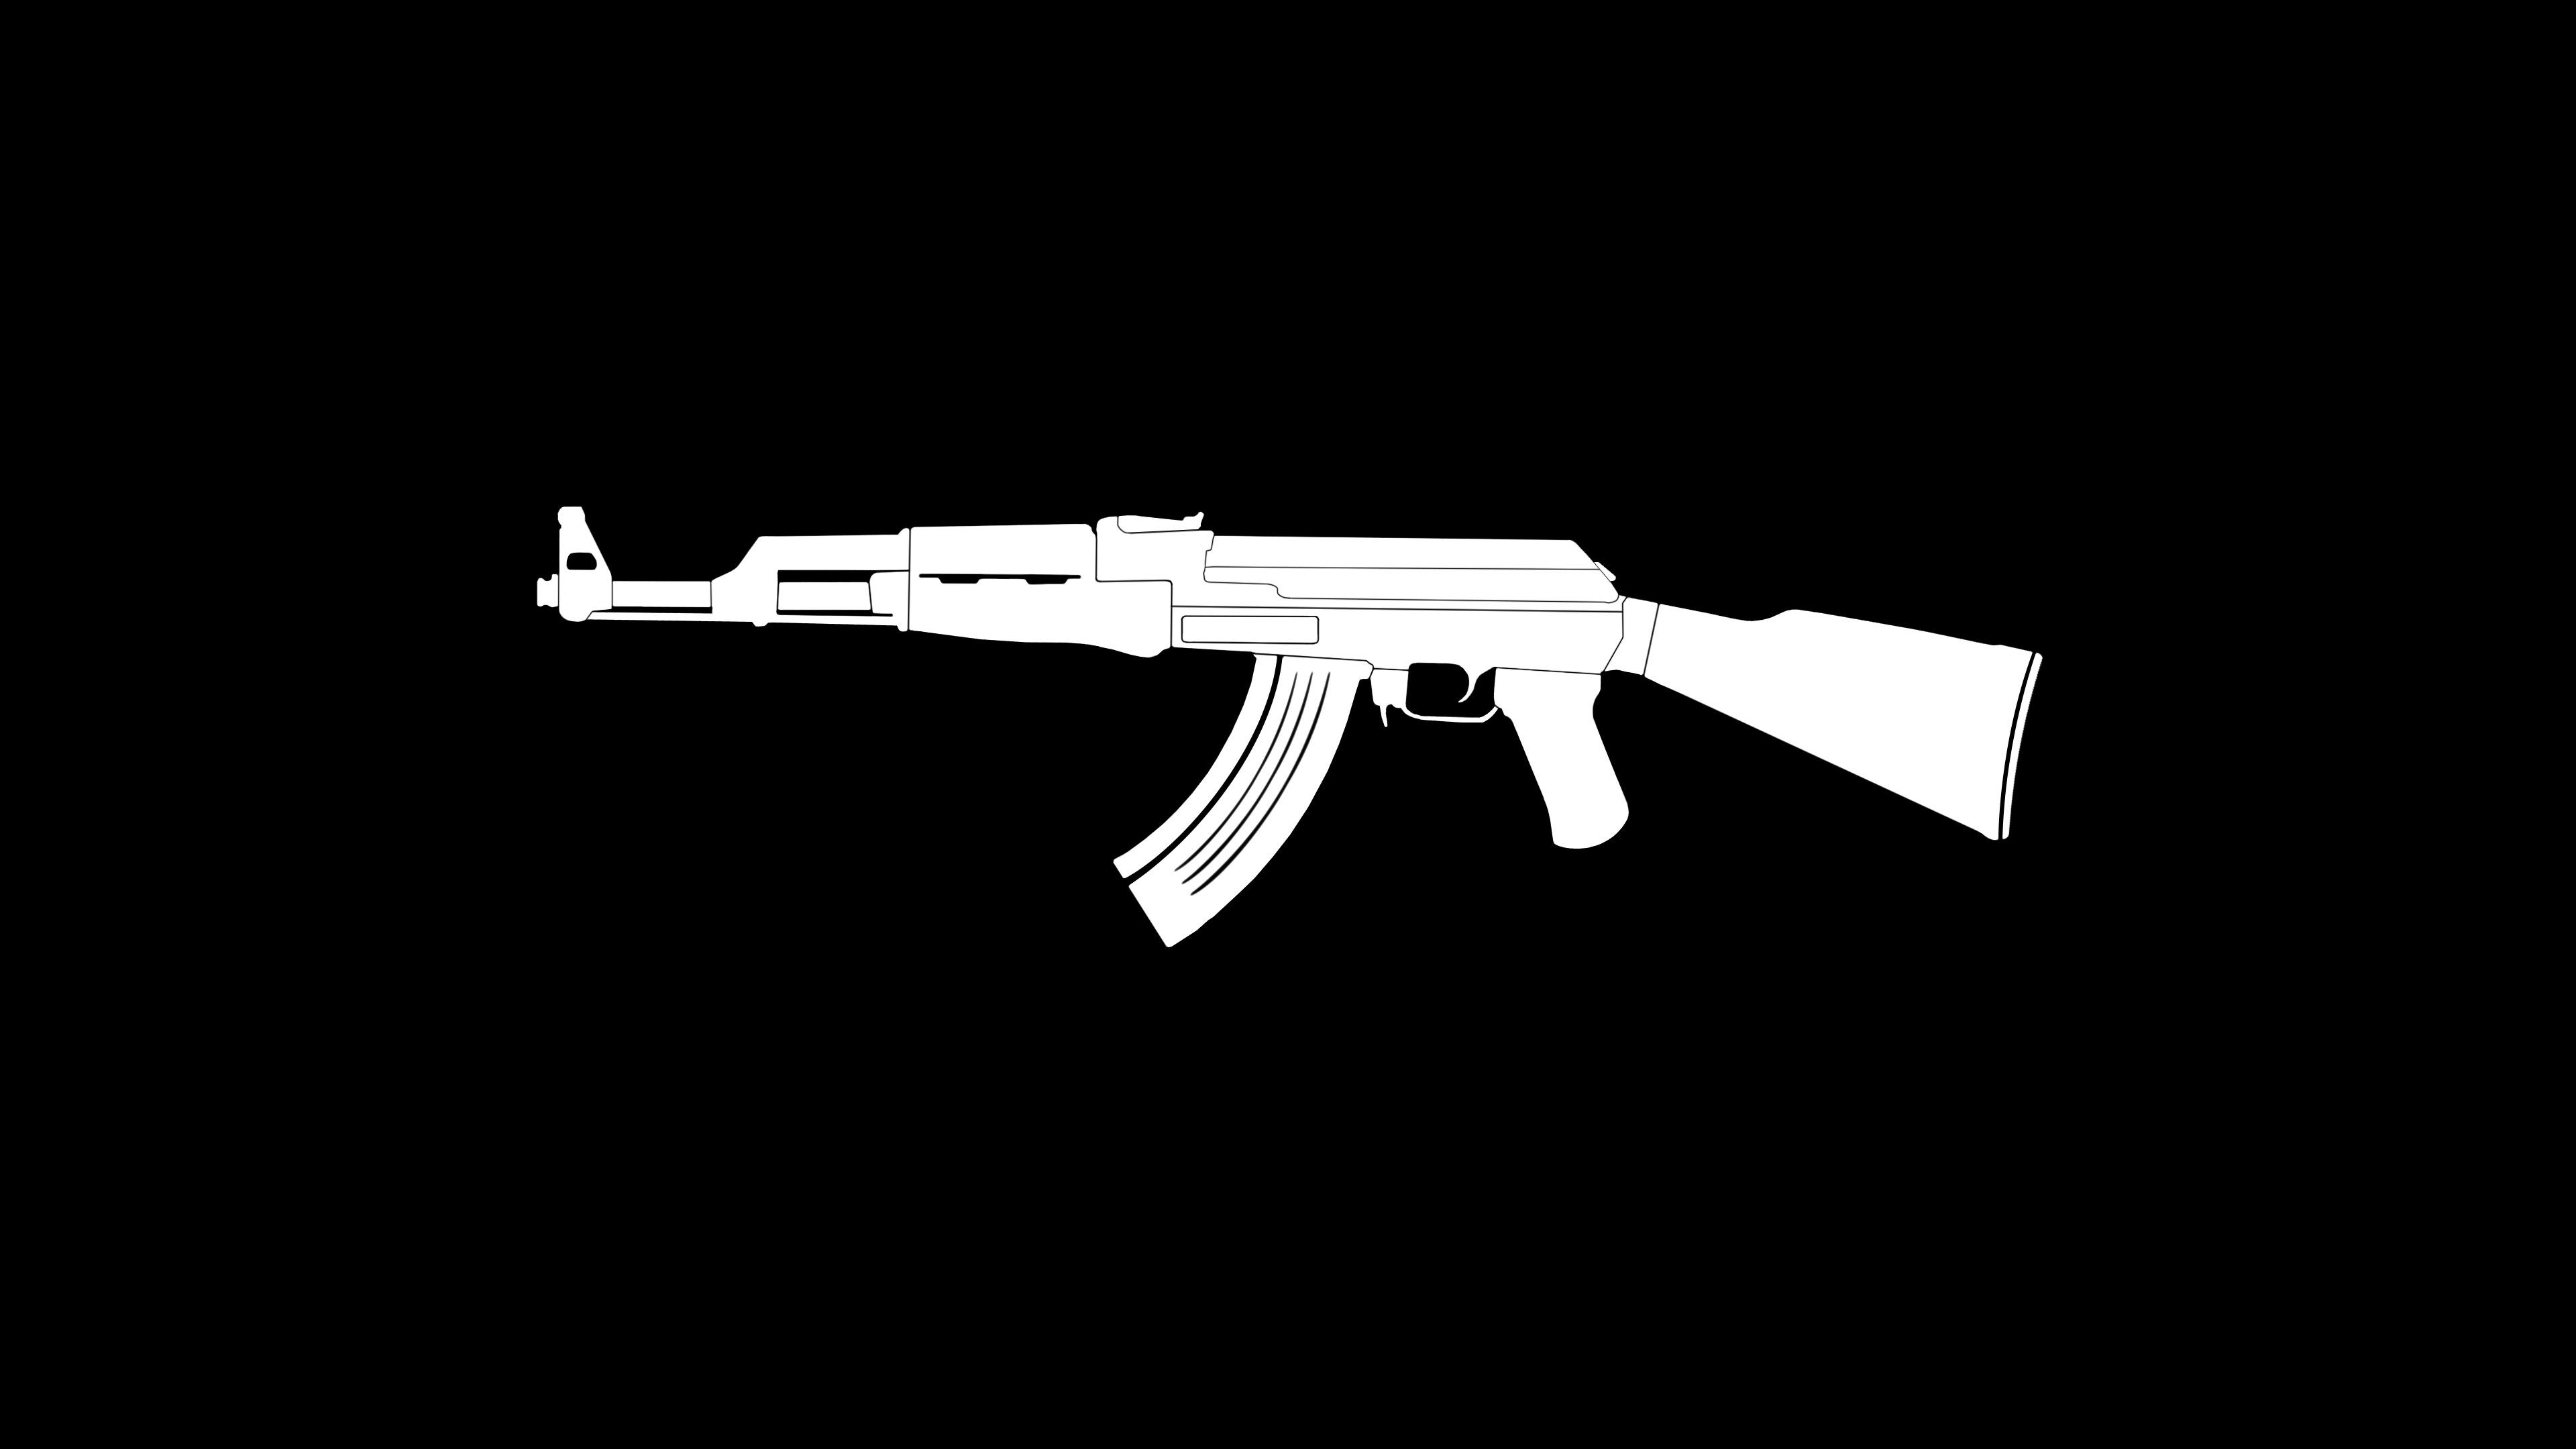 AK47 Gun Weapon Minimalism